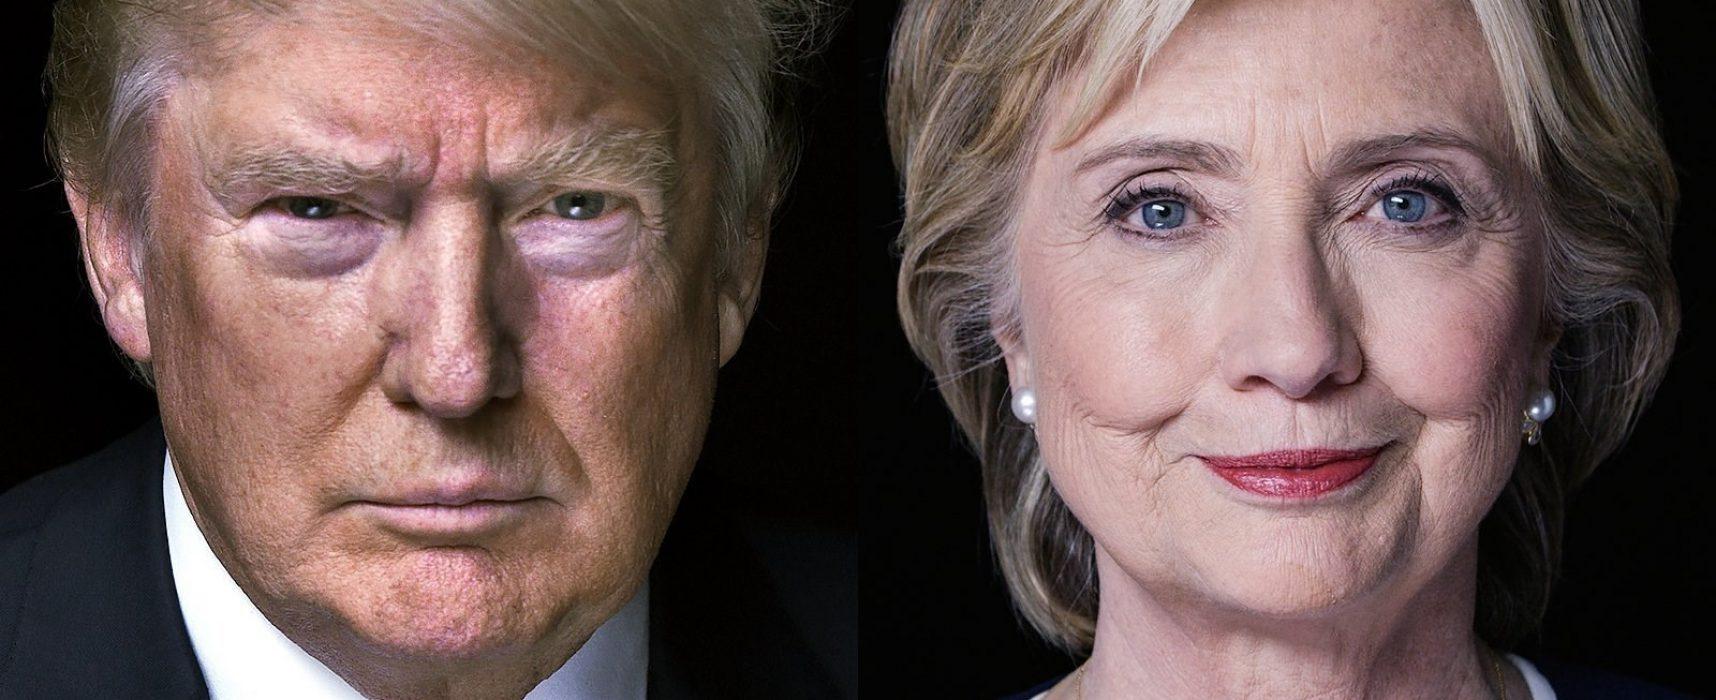 Trump : Contrordine compagni, gli USA non sono più un nemico